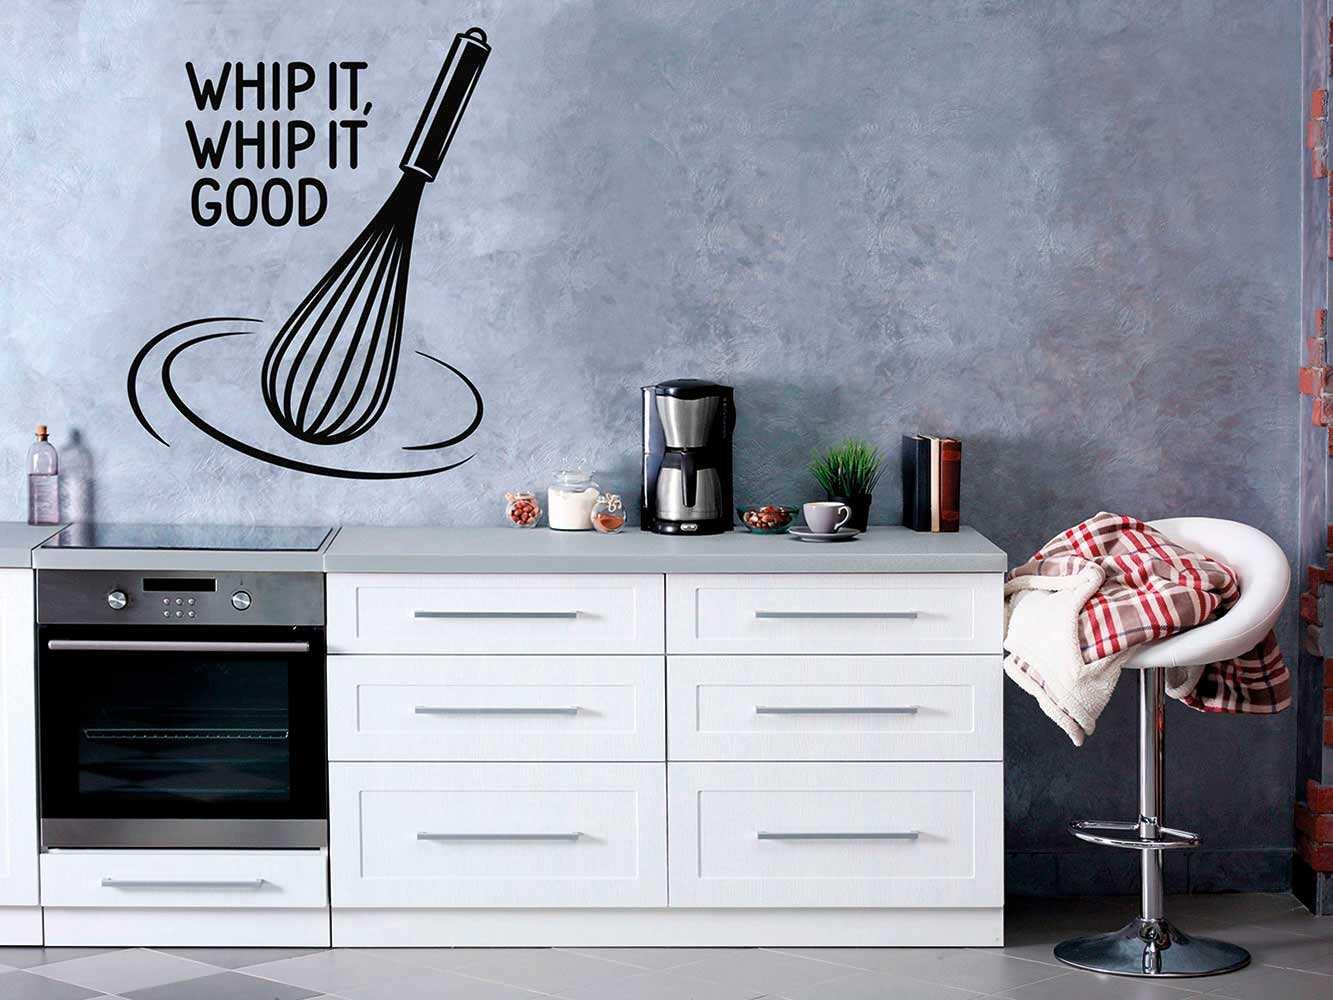 Vinilo Frases Whip it good   Carteles XXL - Impresión carteleria publicitaria